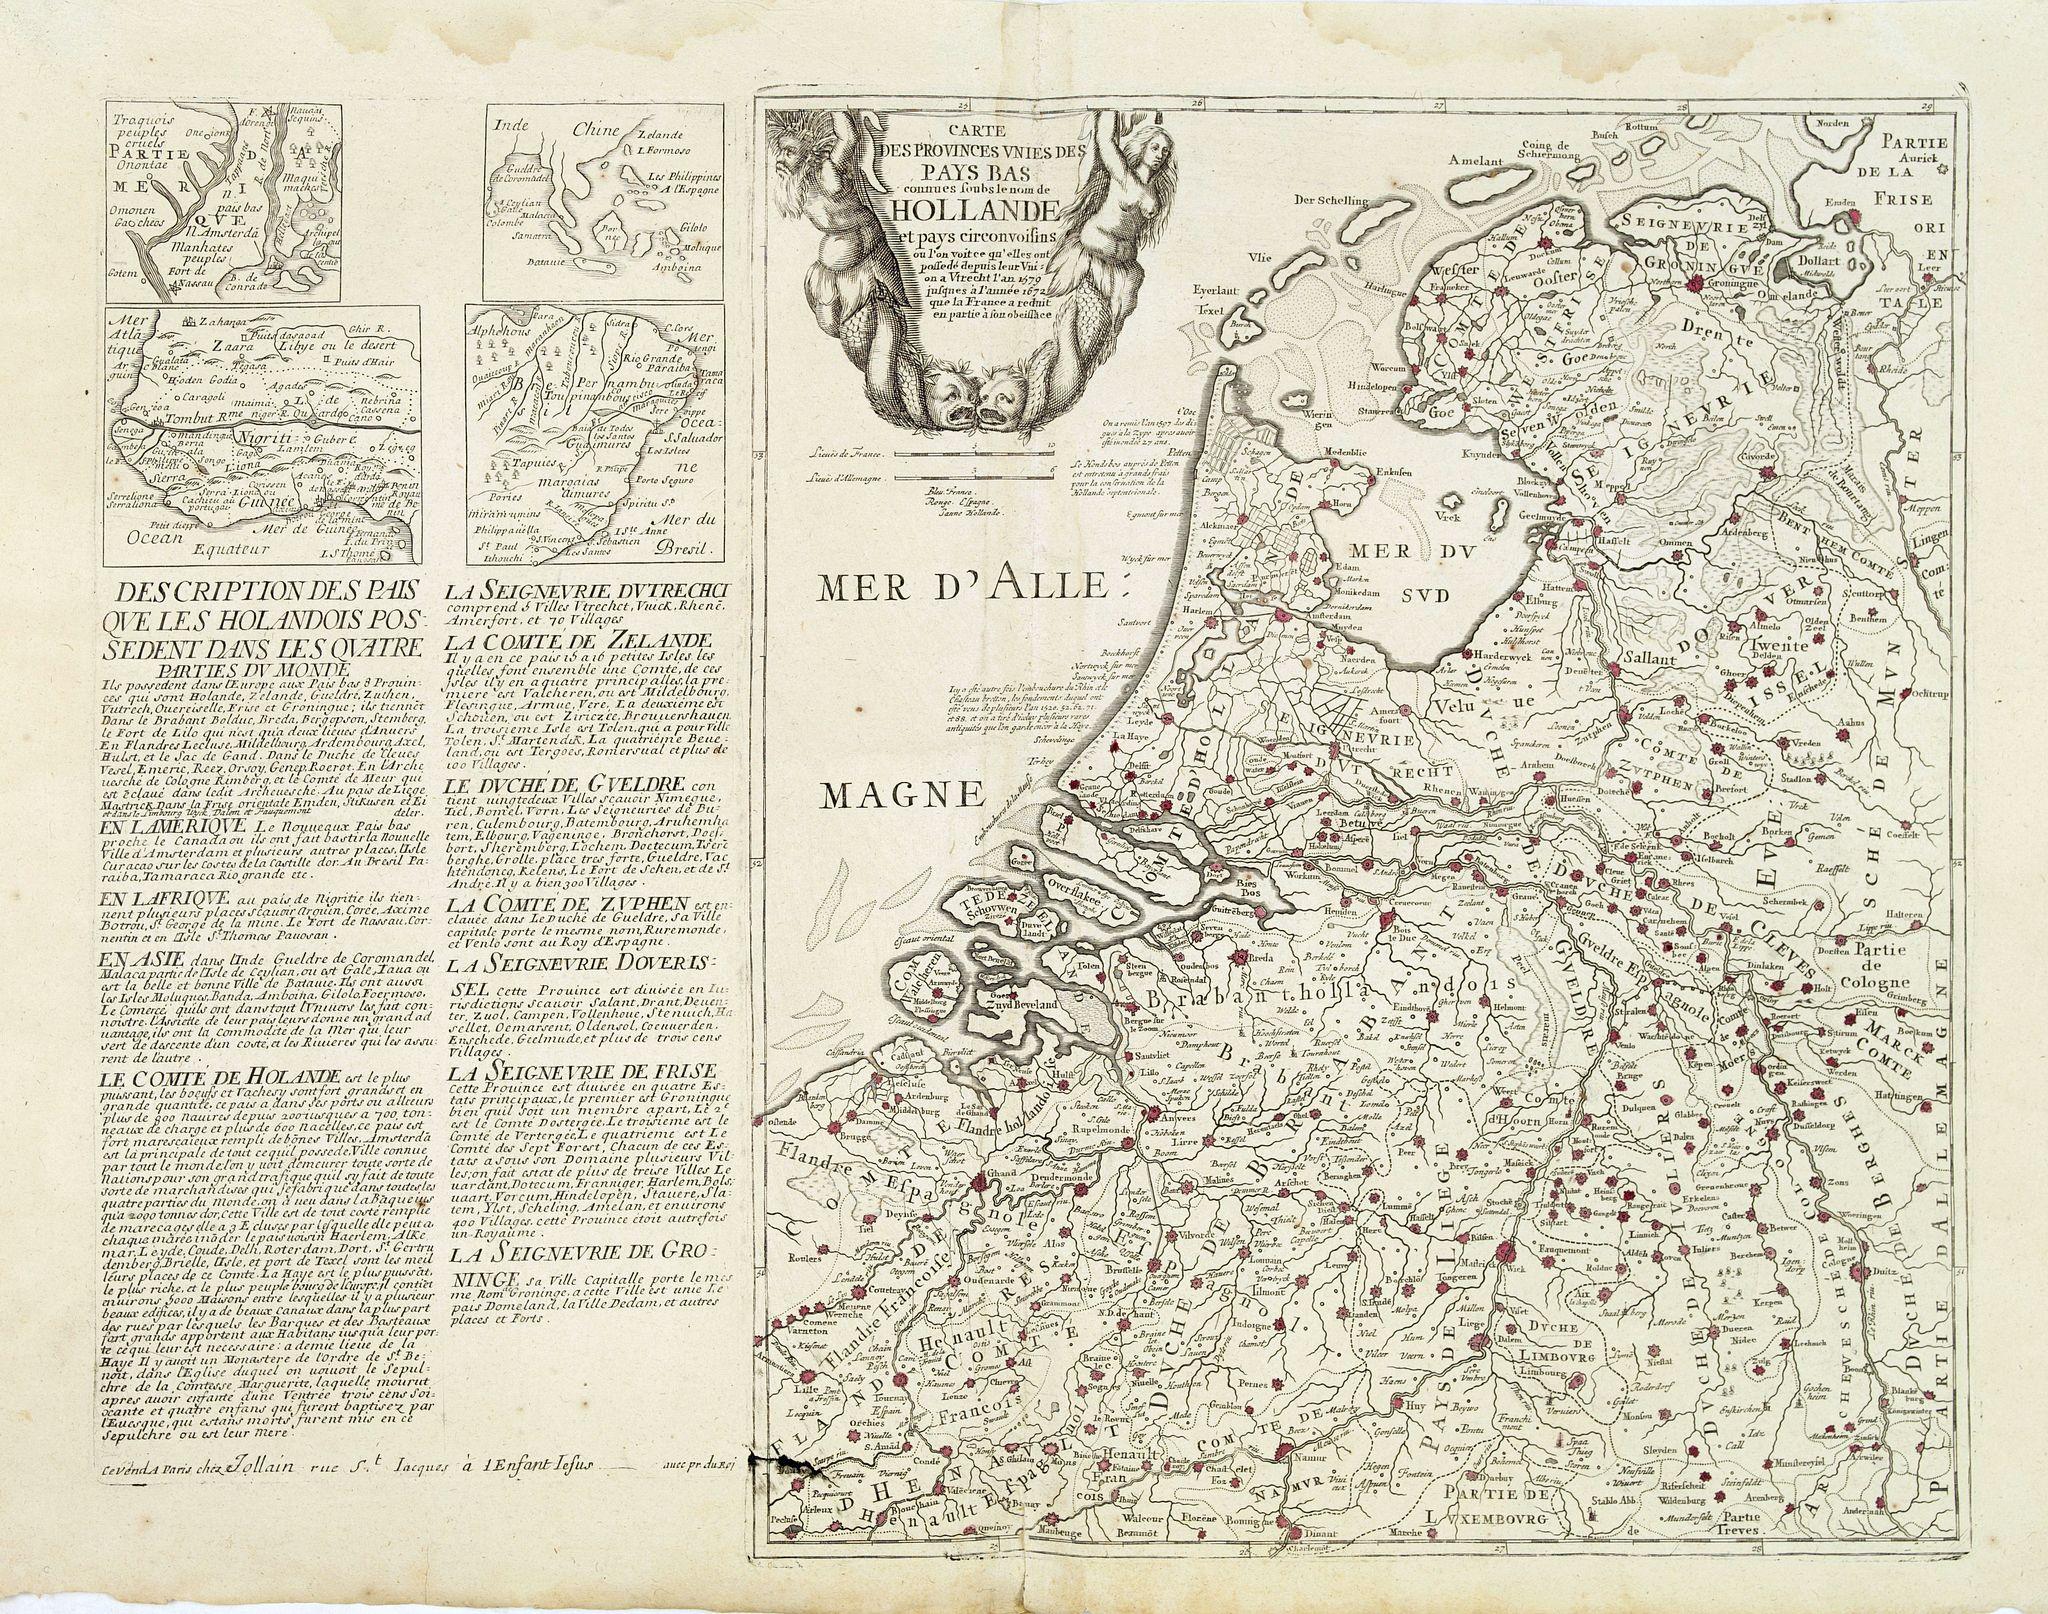 JOLLAIN, F. - Cartes des provinces unies des Pays Bas connues sous les nom de Hollande. . .